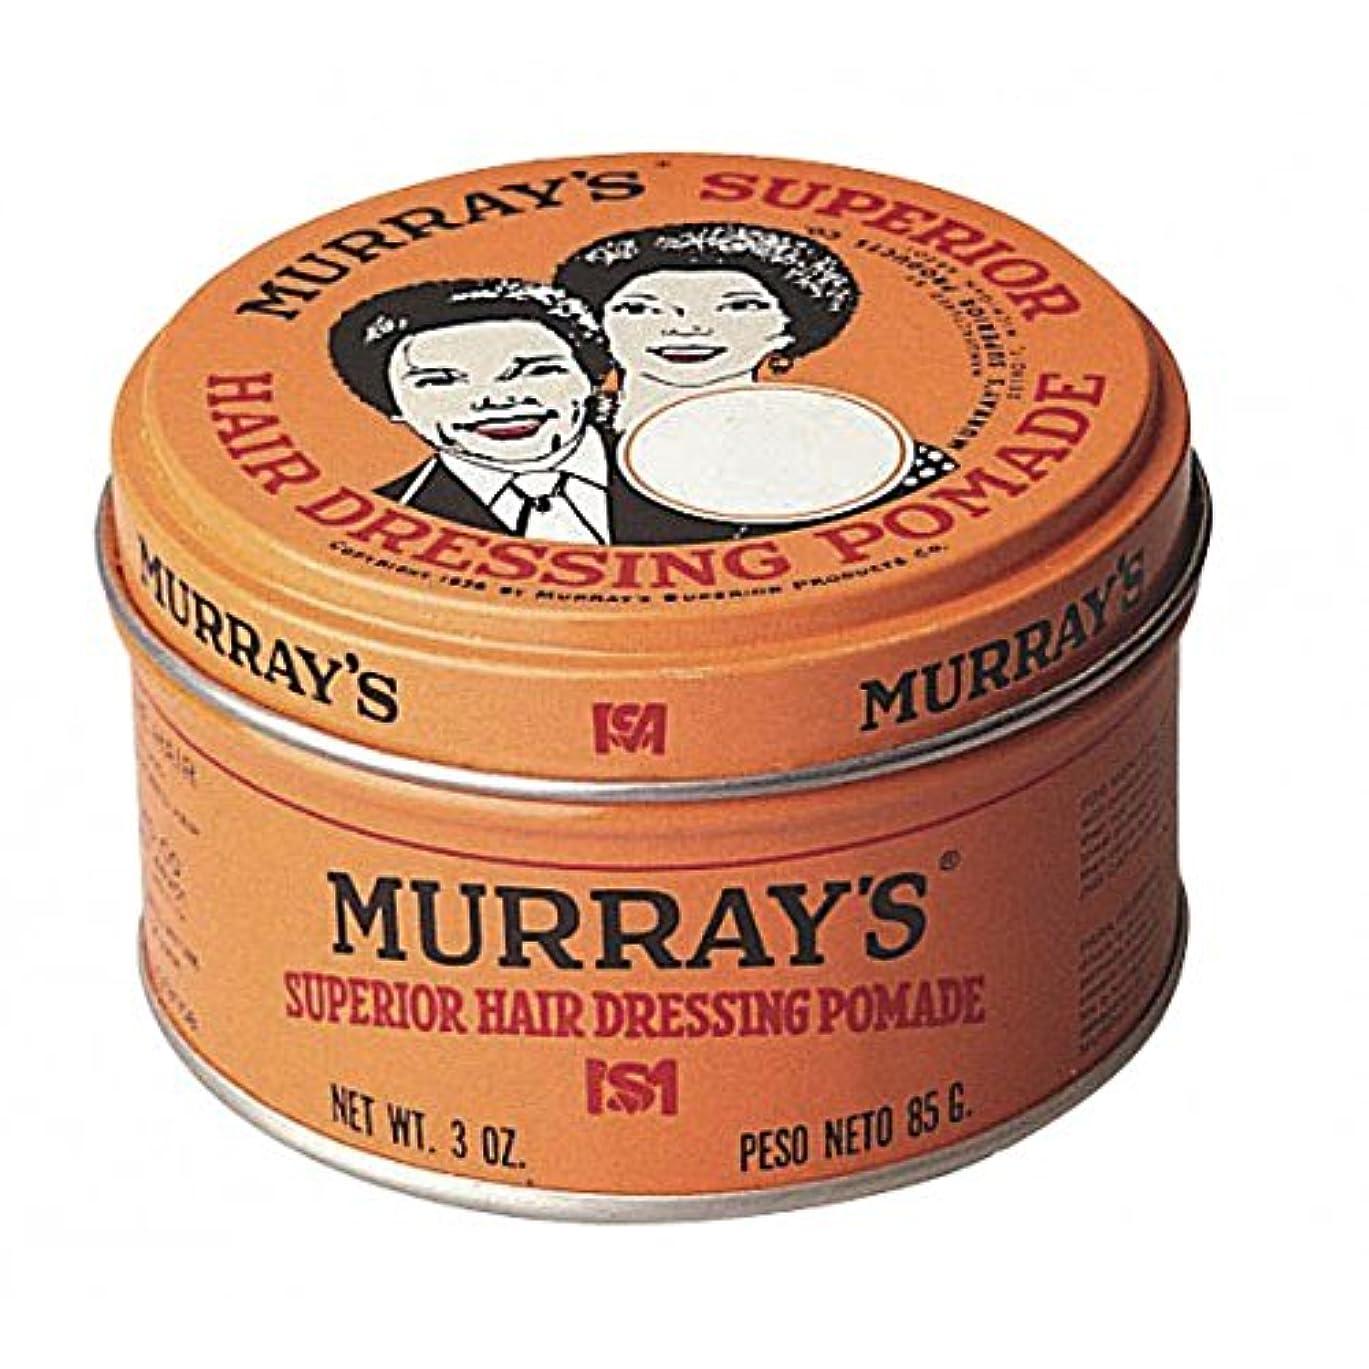 生むジョージスティーブンソンかけがえのないMURRAY'S(ブランド) マーレーズ Murray's Original Pomade/ポマード/香水?コスメ 【公式/オフィシャル】